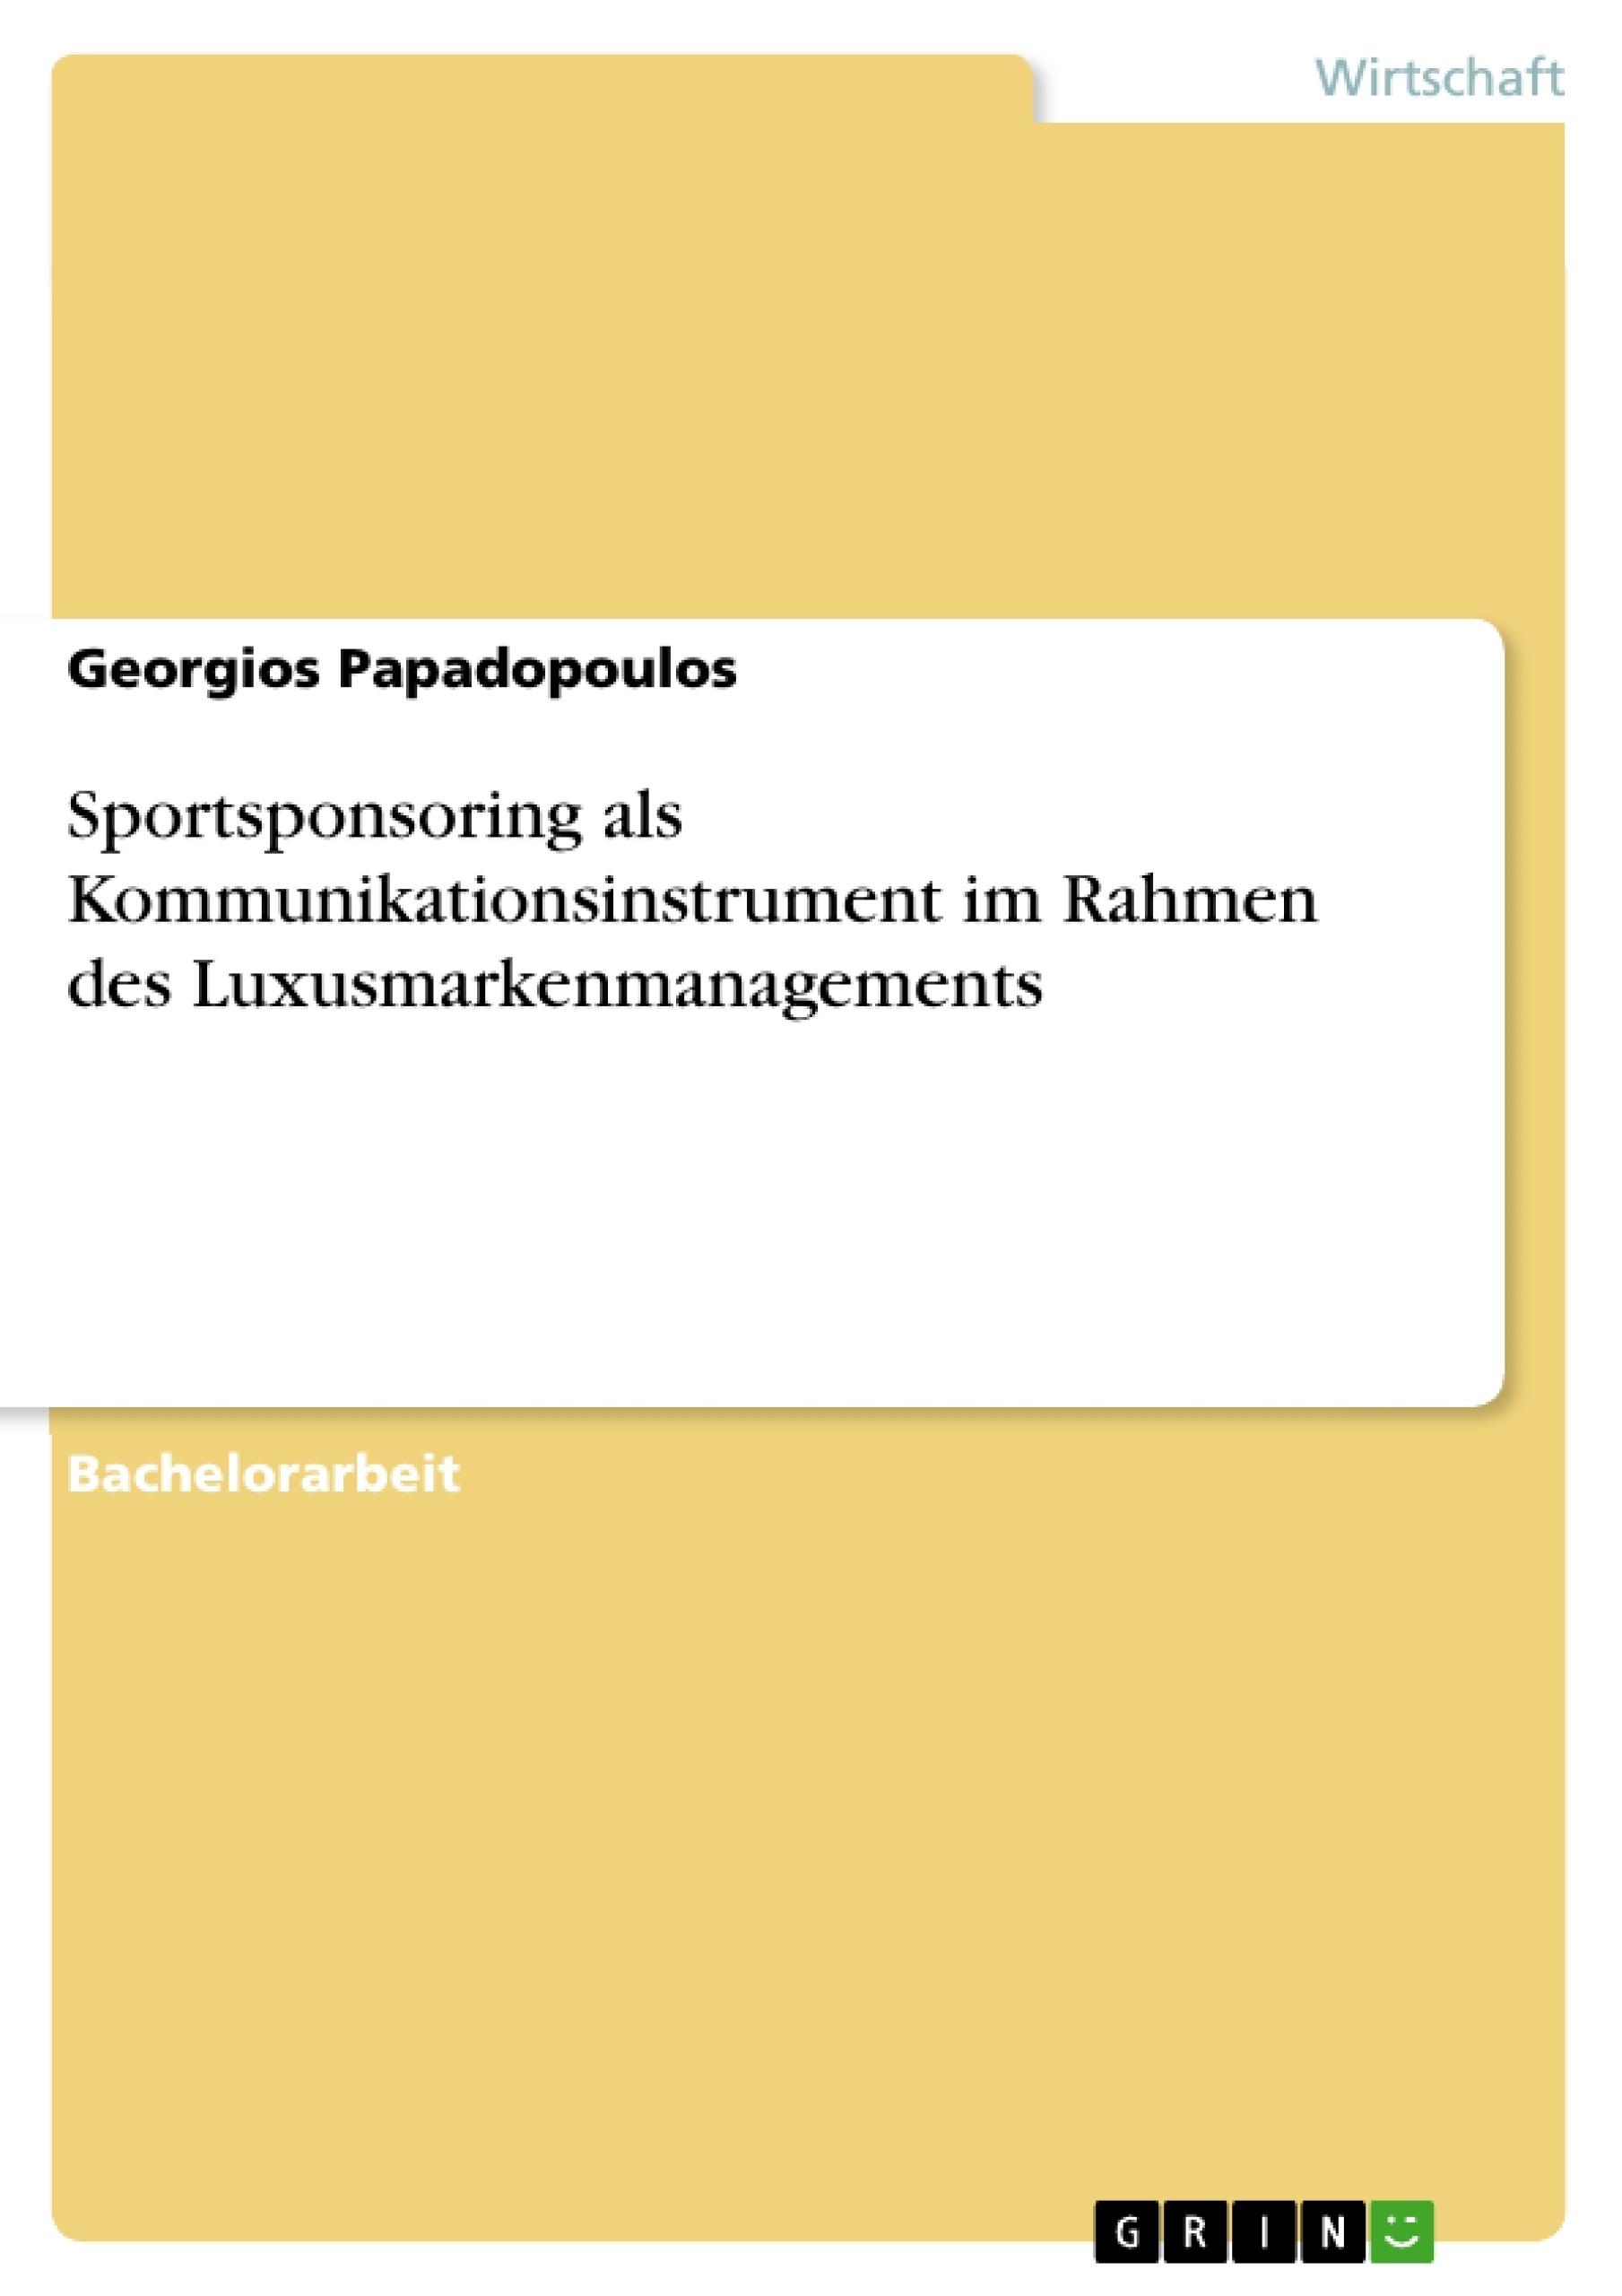 Titel: Sportsponsoring als Kommunikationsinstrument im Rahmen des Luxusmarkenmanagements